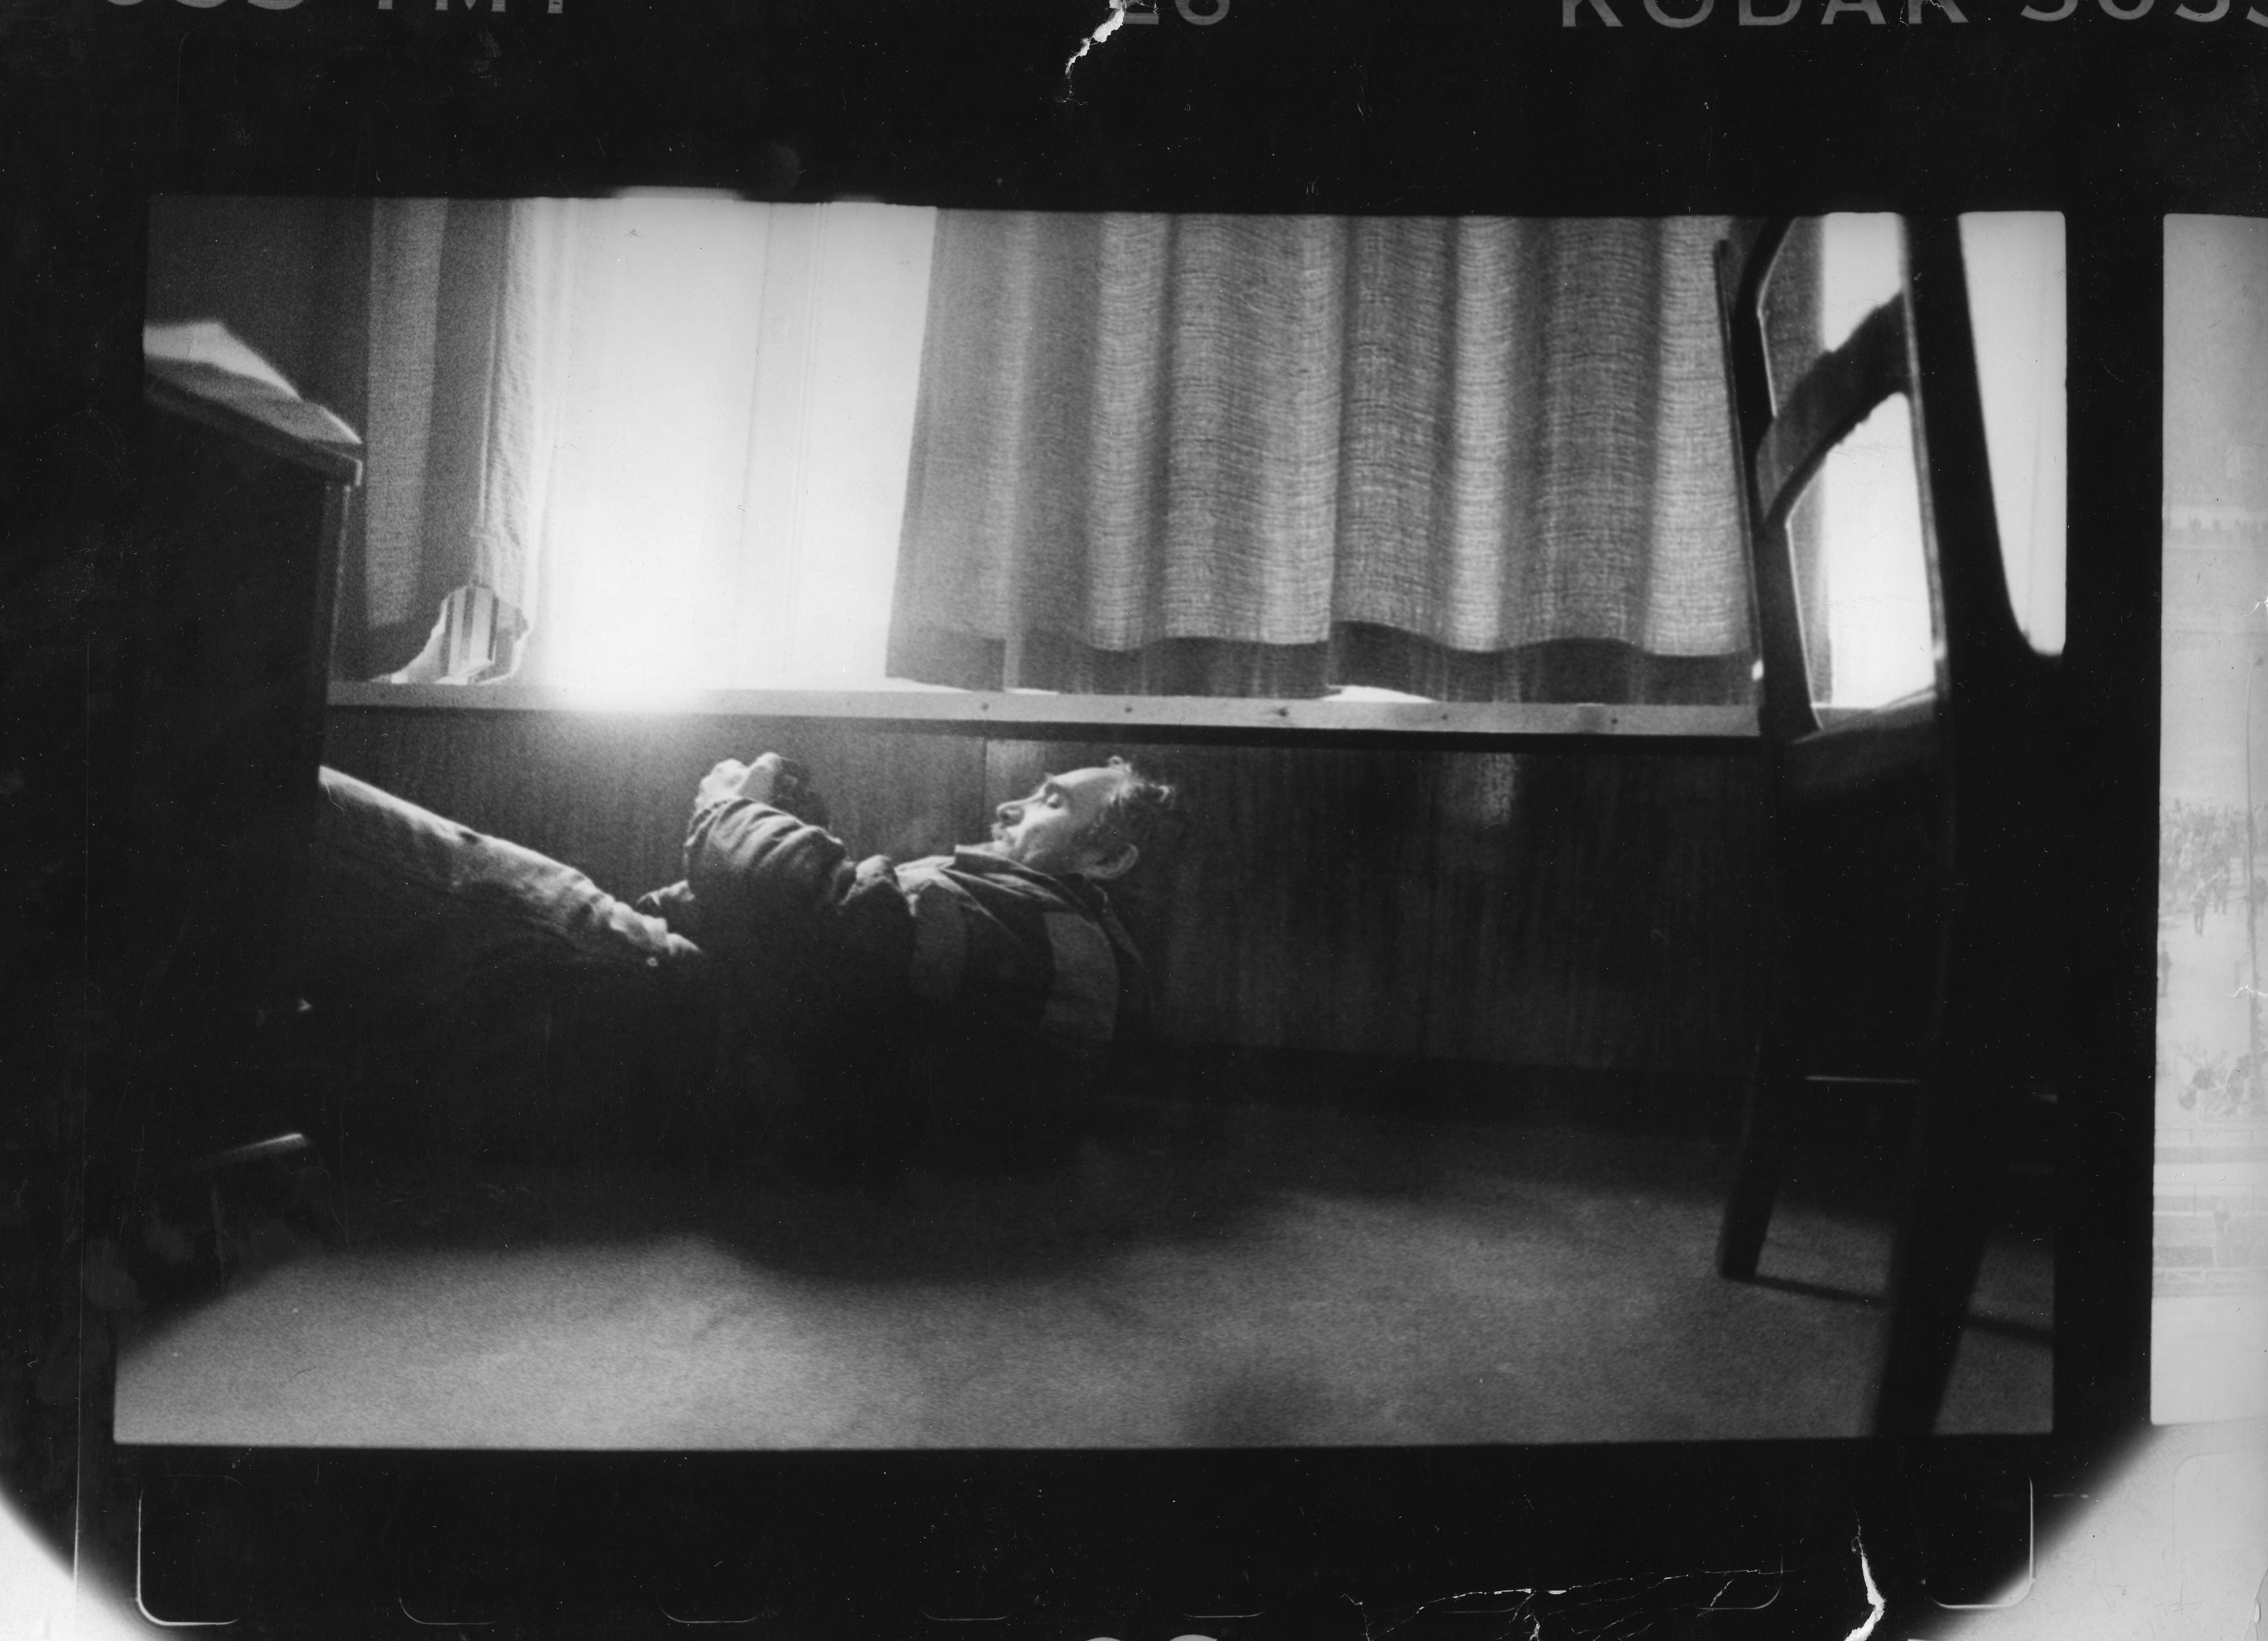 Фотокорреспондент газеты «Moscow Times» Владимир Филонов нырнул, чтобы избежать снайперского огня, когда он снимает фотографии из окна гостиницы напротив Дома Советов